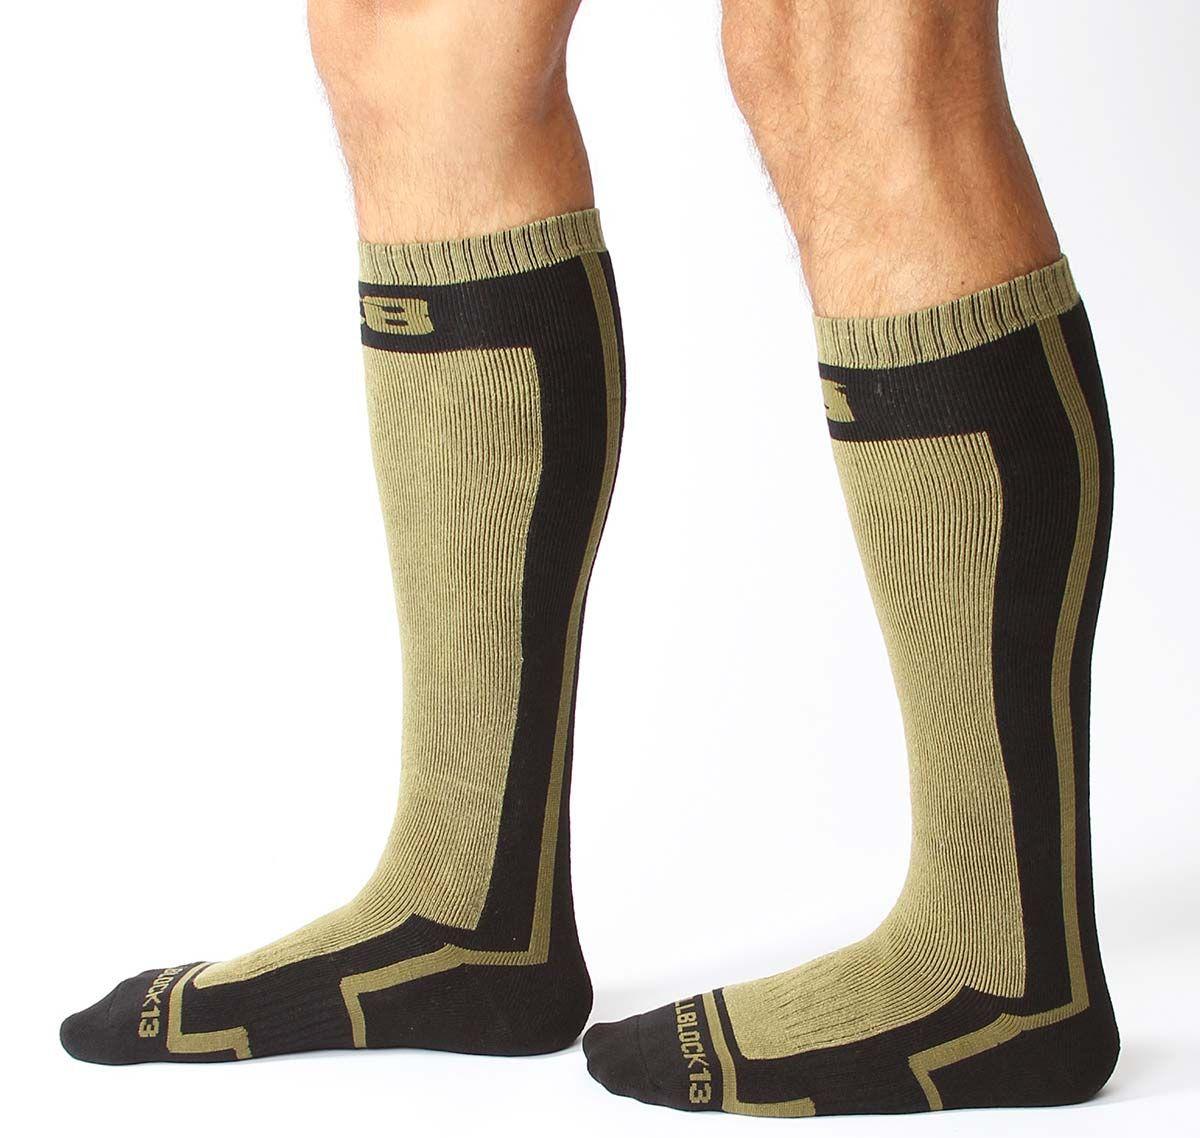 Cellblock 13 Chaussettes de sport FULL THROTTLE KNEE HIGH SOCK, vert